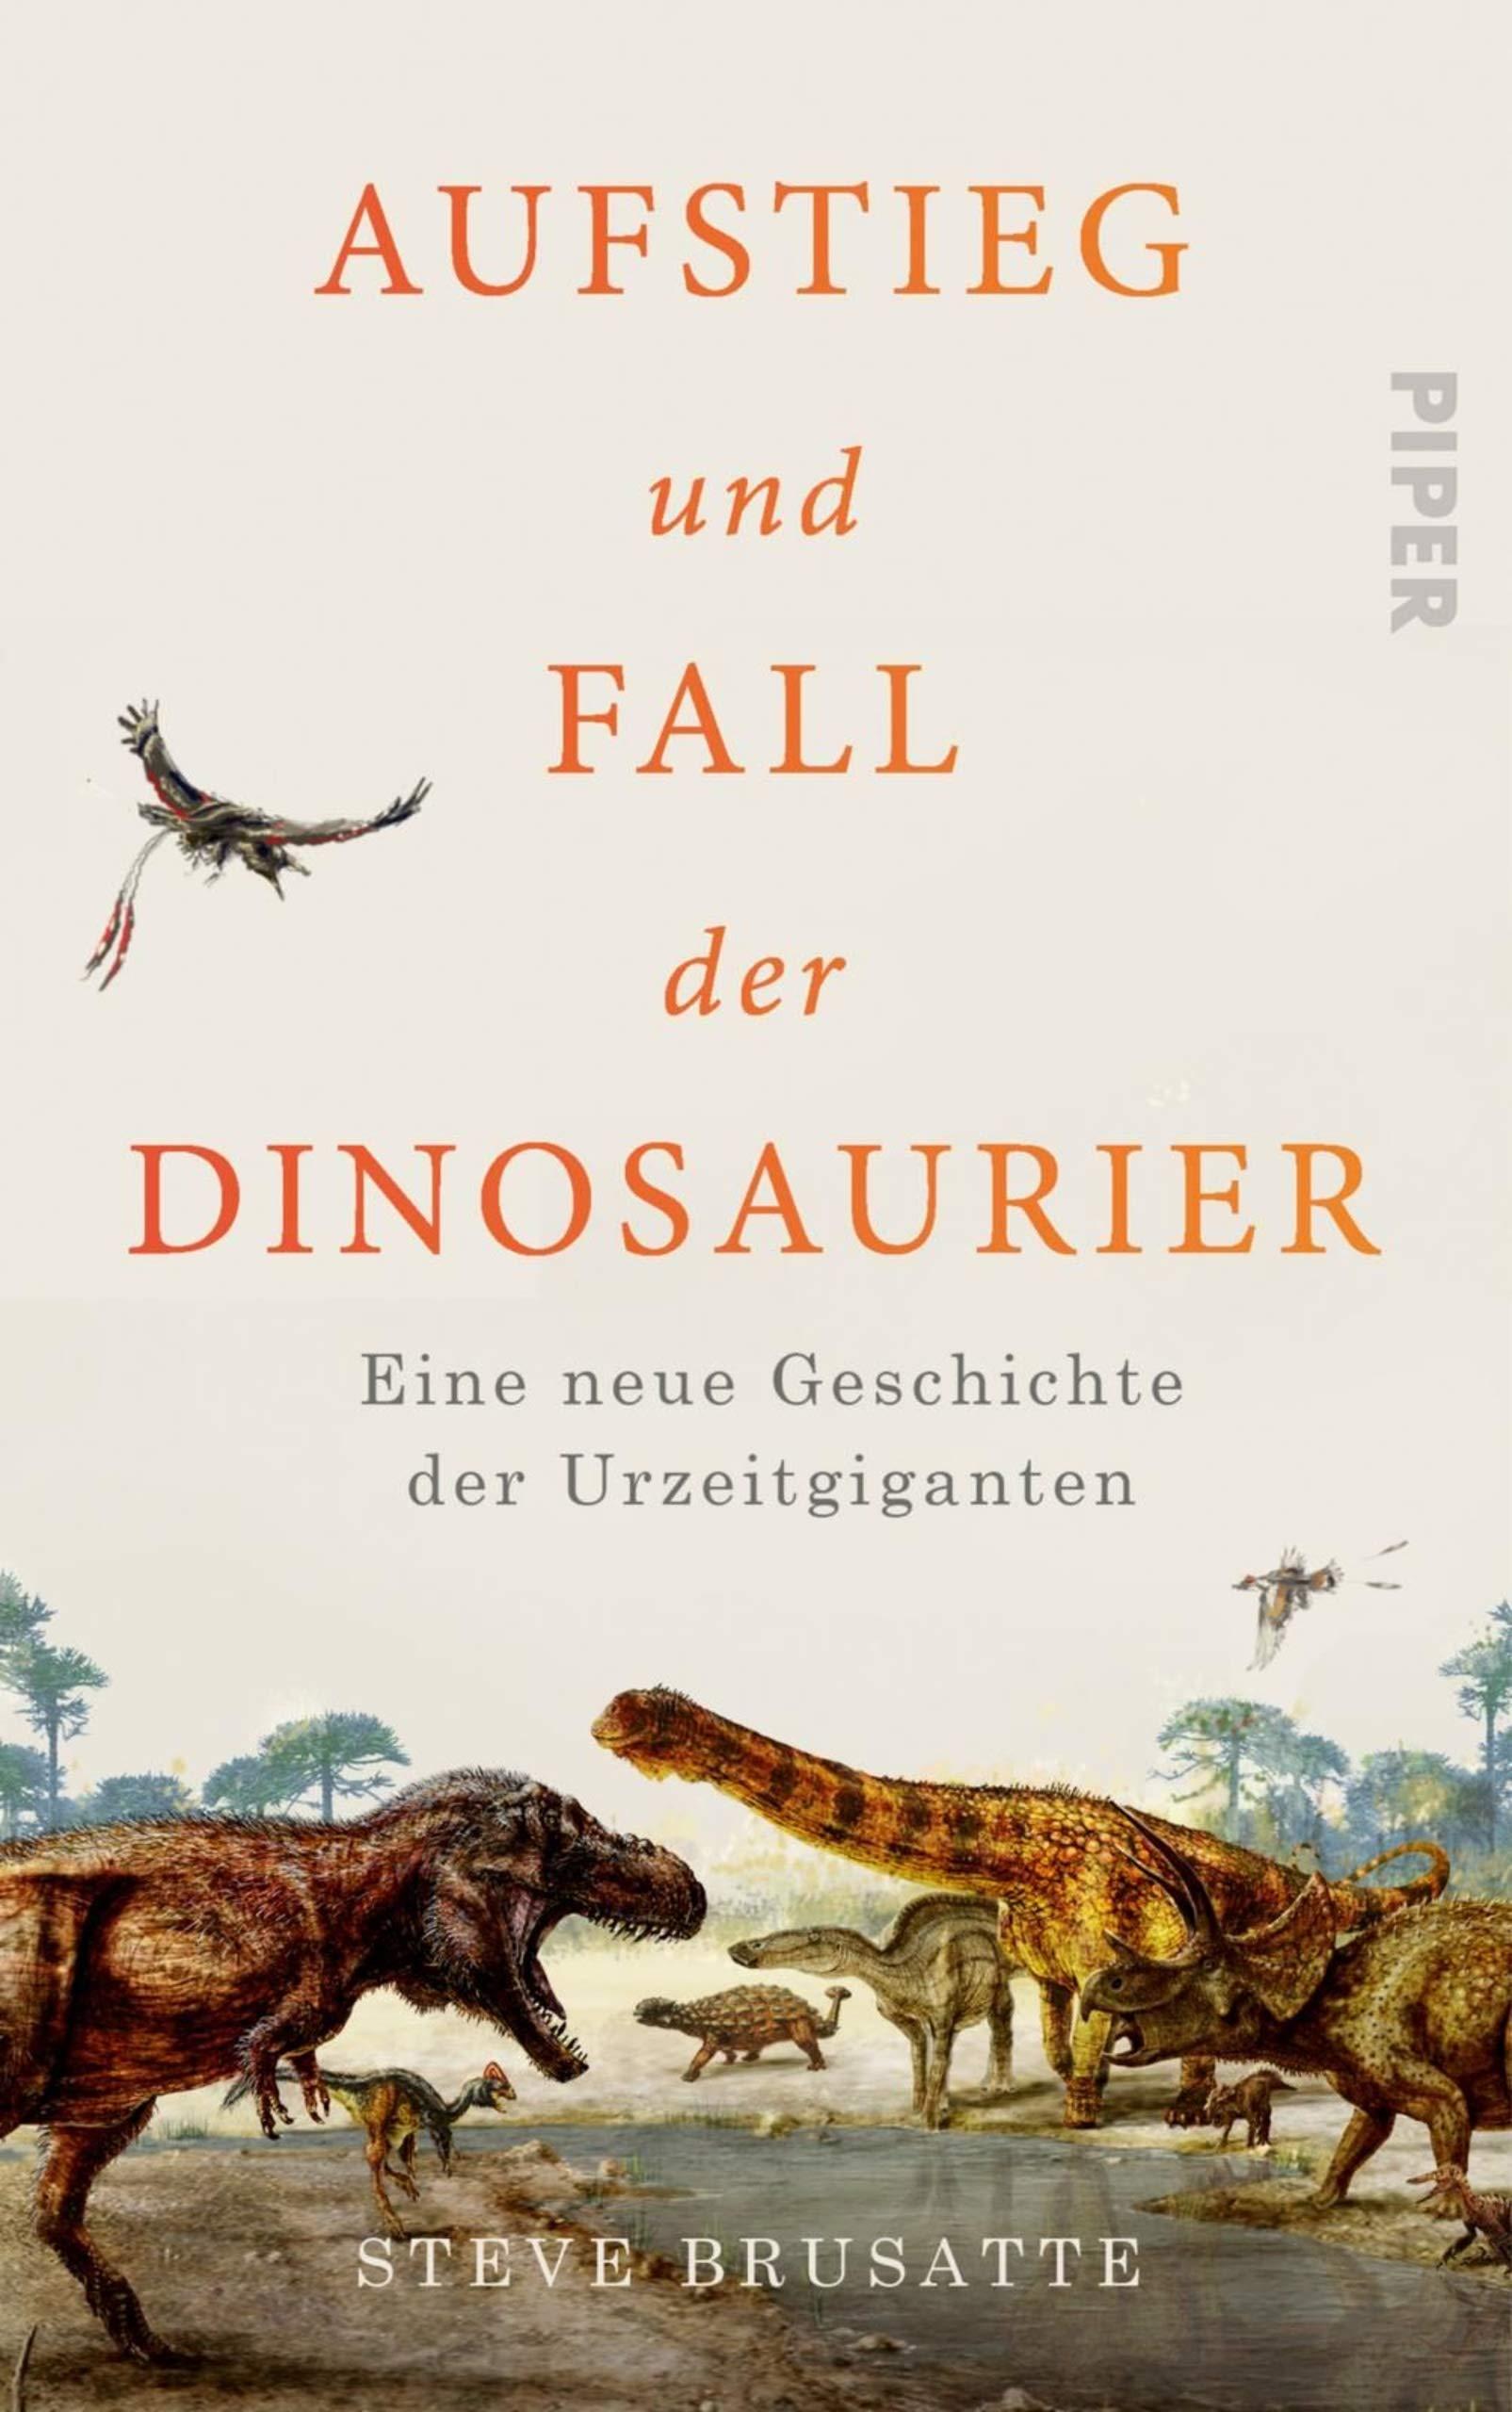 Aufstieg Und Fall Der Dinosaurier  Eine Neue Geschichte Der Urzeitgiganten